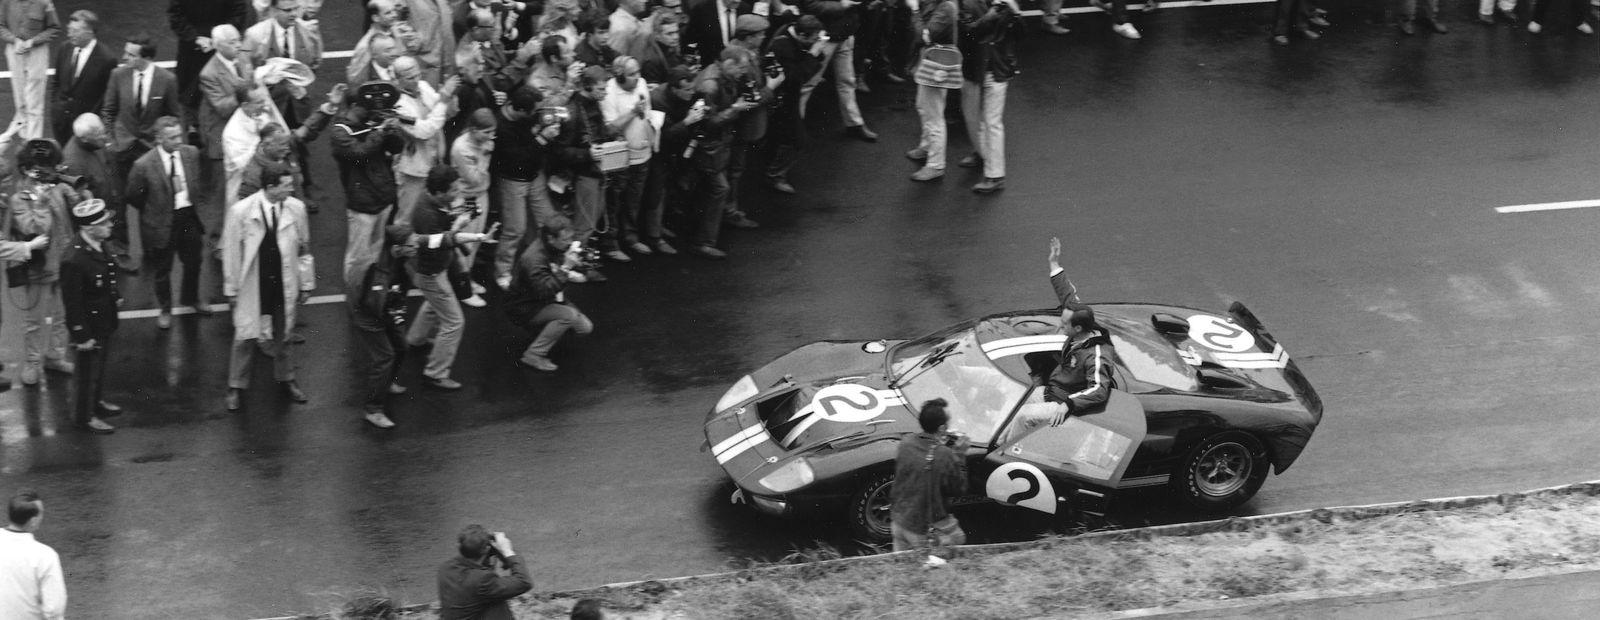 Bruce McLaren at Le Mans